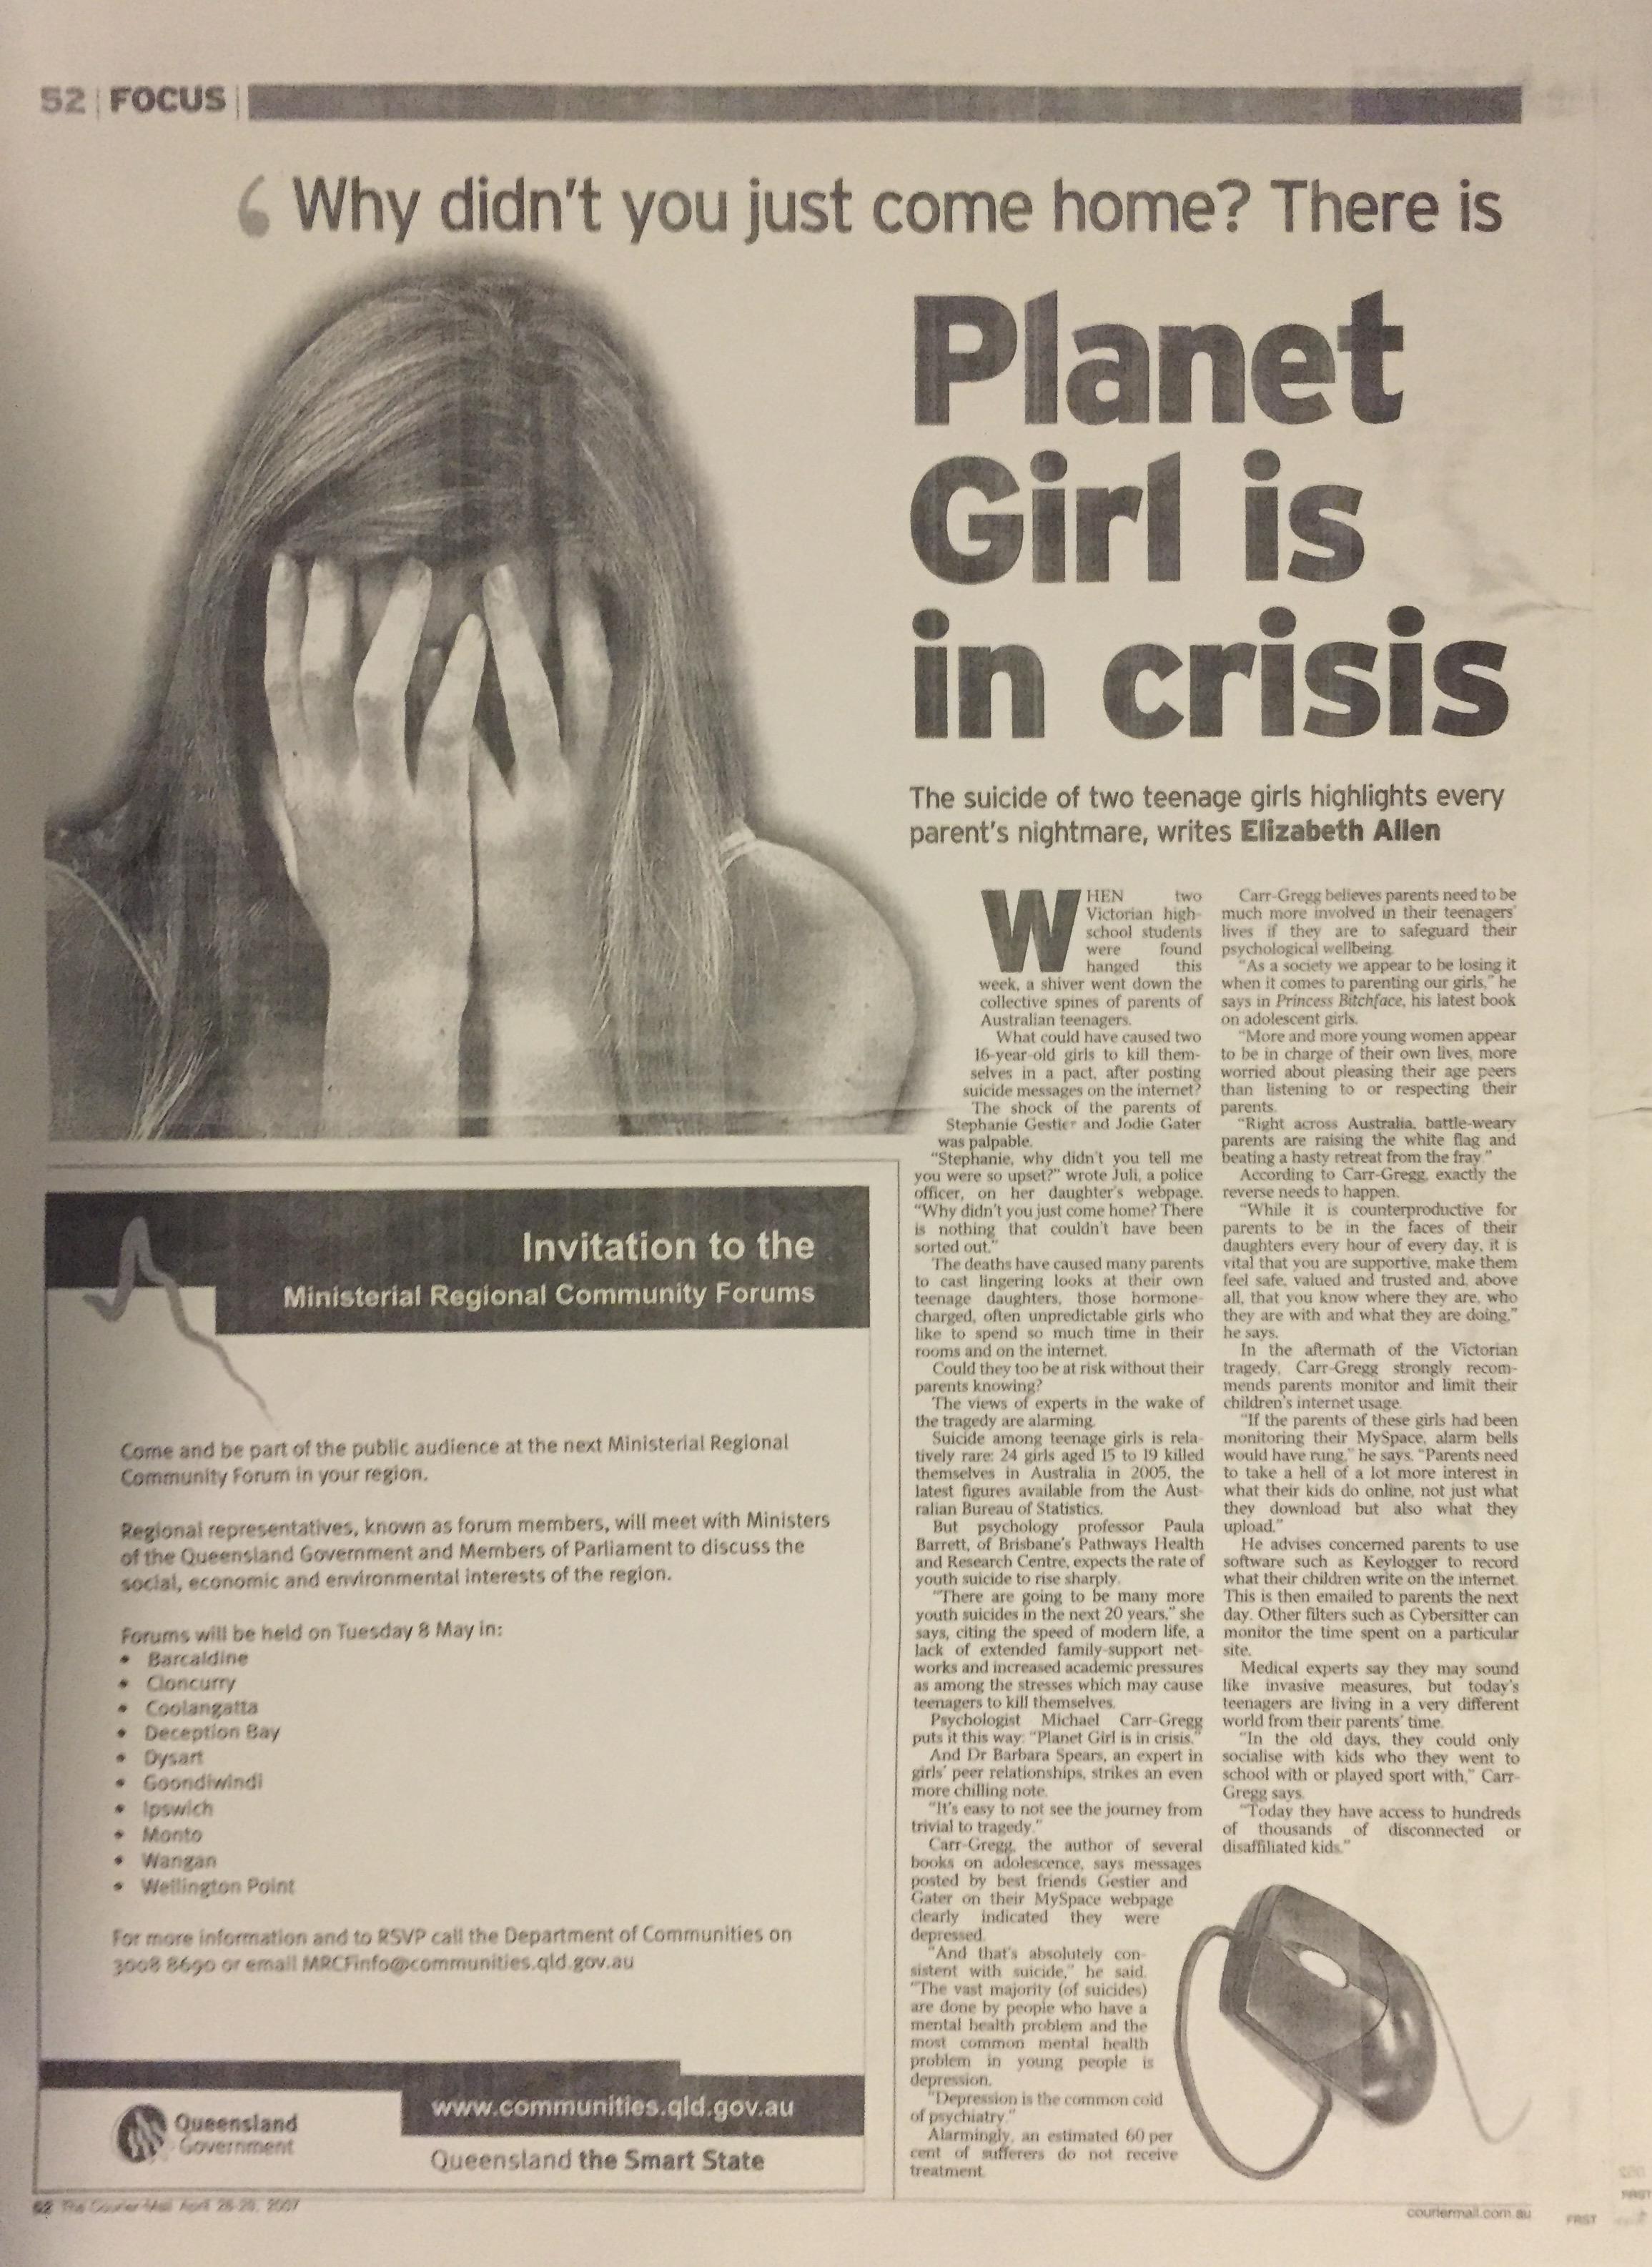 planet girl crisis